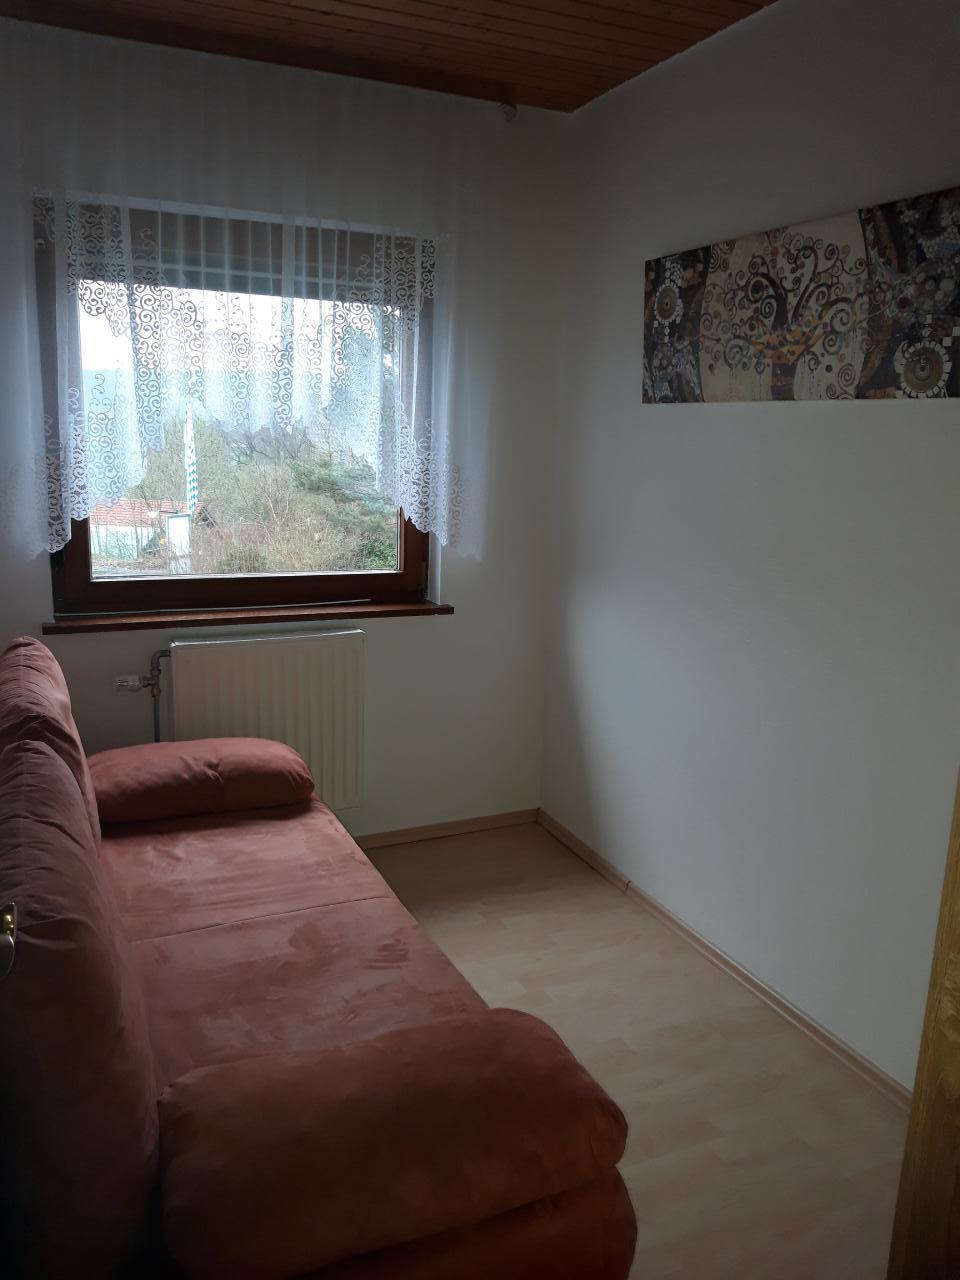 Ferienhaus Bungalow 6 neu renoviert für 4-6 Personen in der Rhön Residence Bungalows (757461), Dipperz, Rhön (Hessen), Hessen, Deutschland, Bild 13